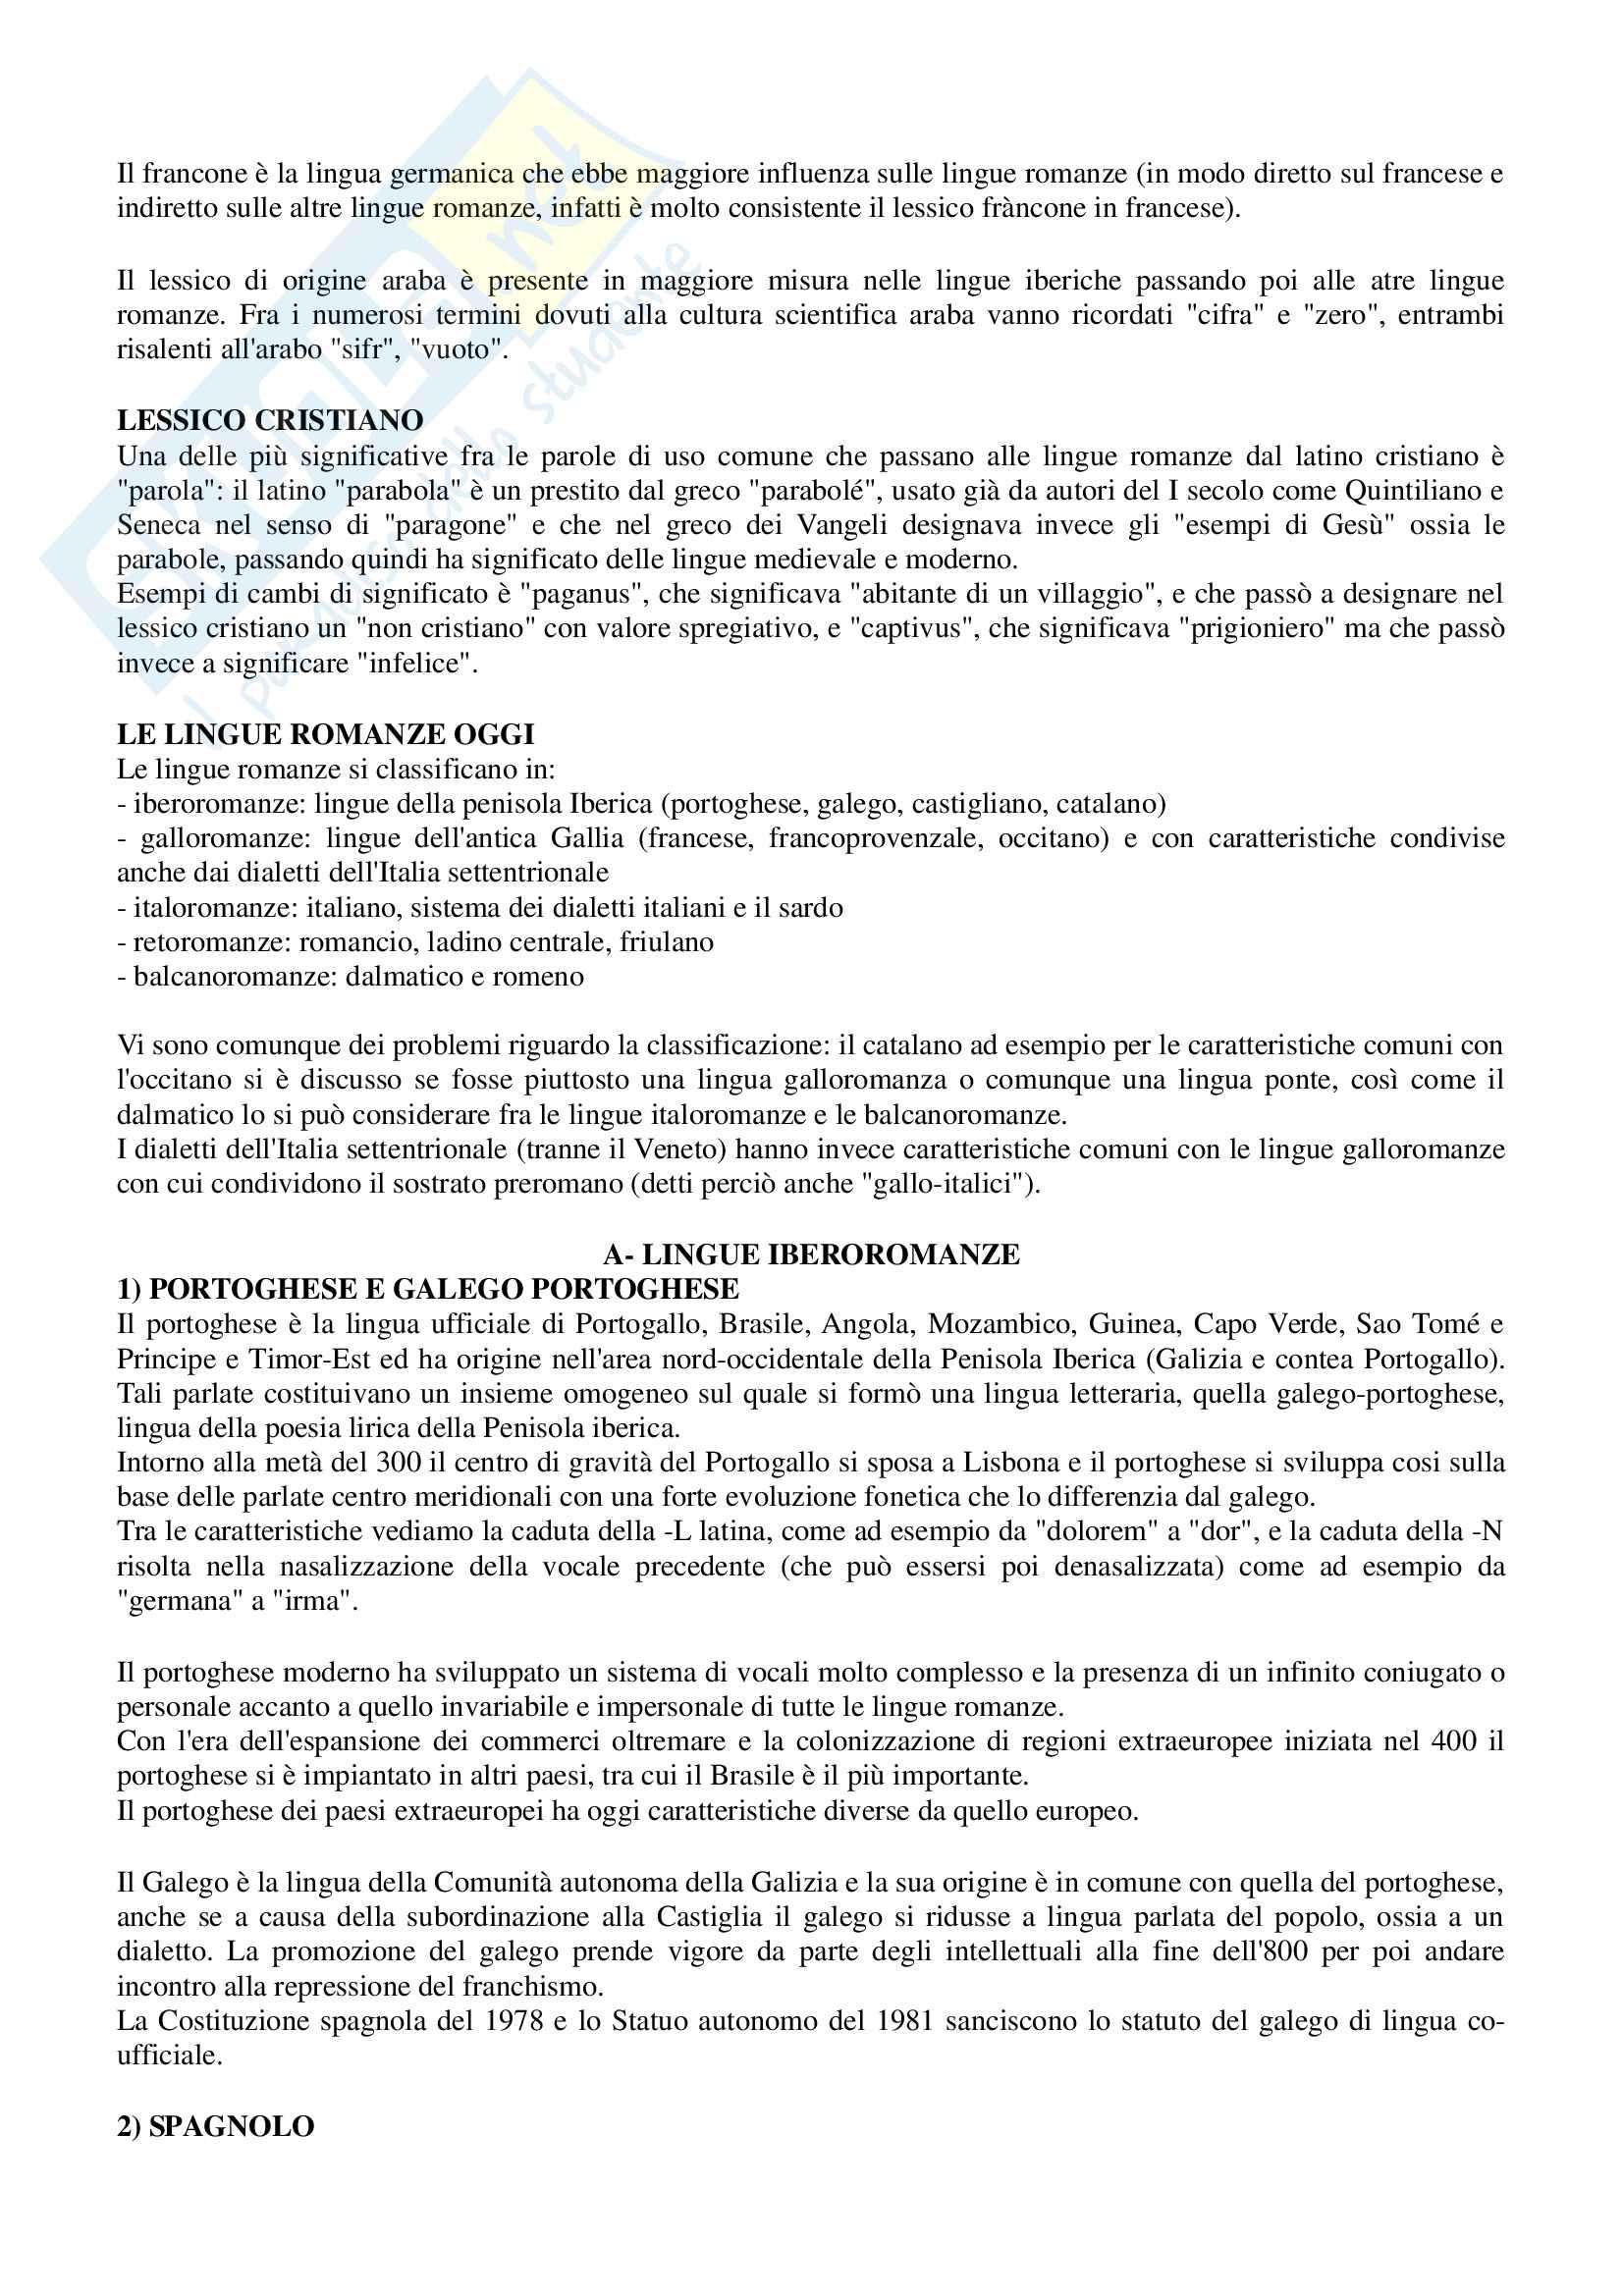 Riassunto per esame Filologia romanza, prof Paradisi, libro consigliato: La filologia romanza, Beltrami, 2017 Pag. 21